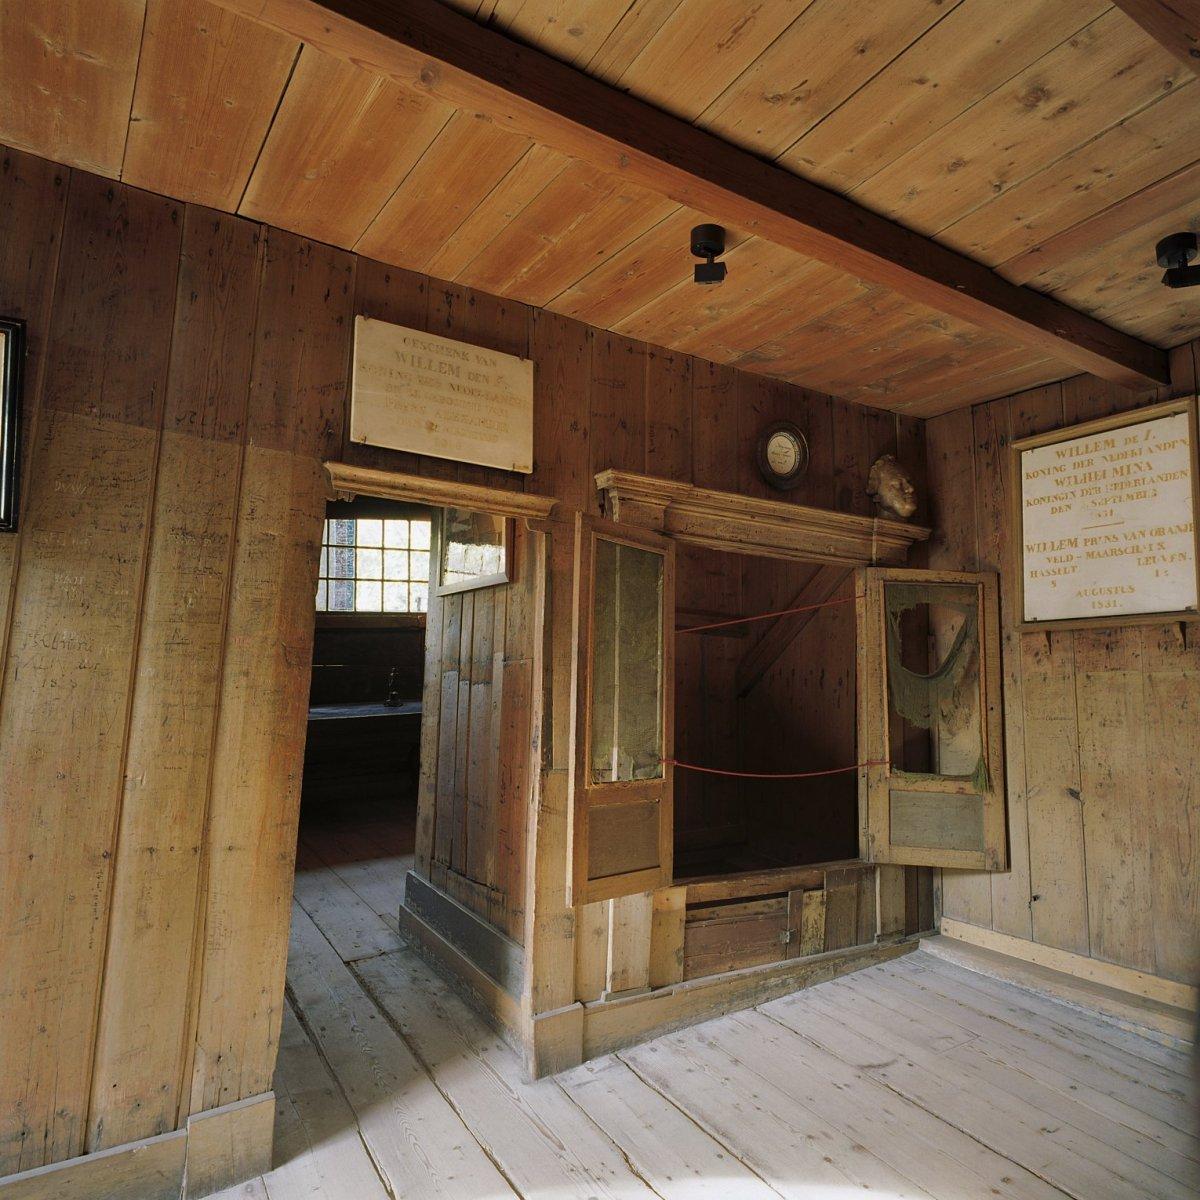 Plik interieur het interieur van het houten huis binnen het stenen huis met de bedstee waar - Houten huis ...